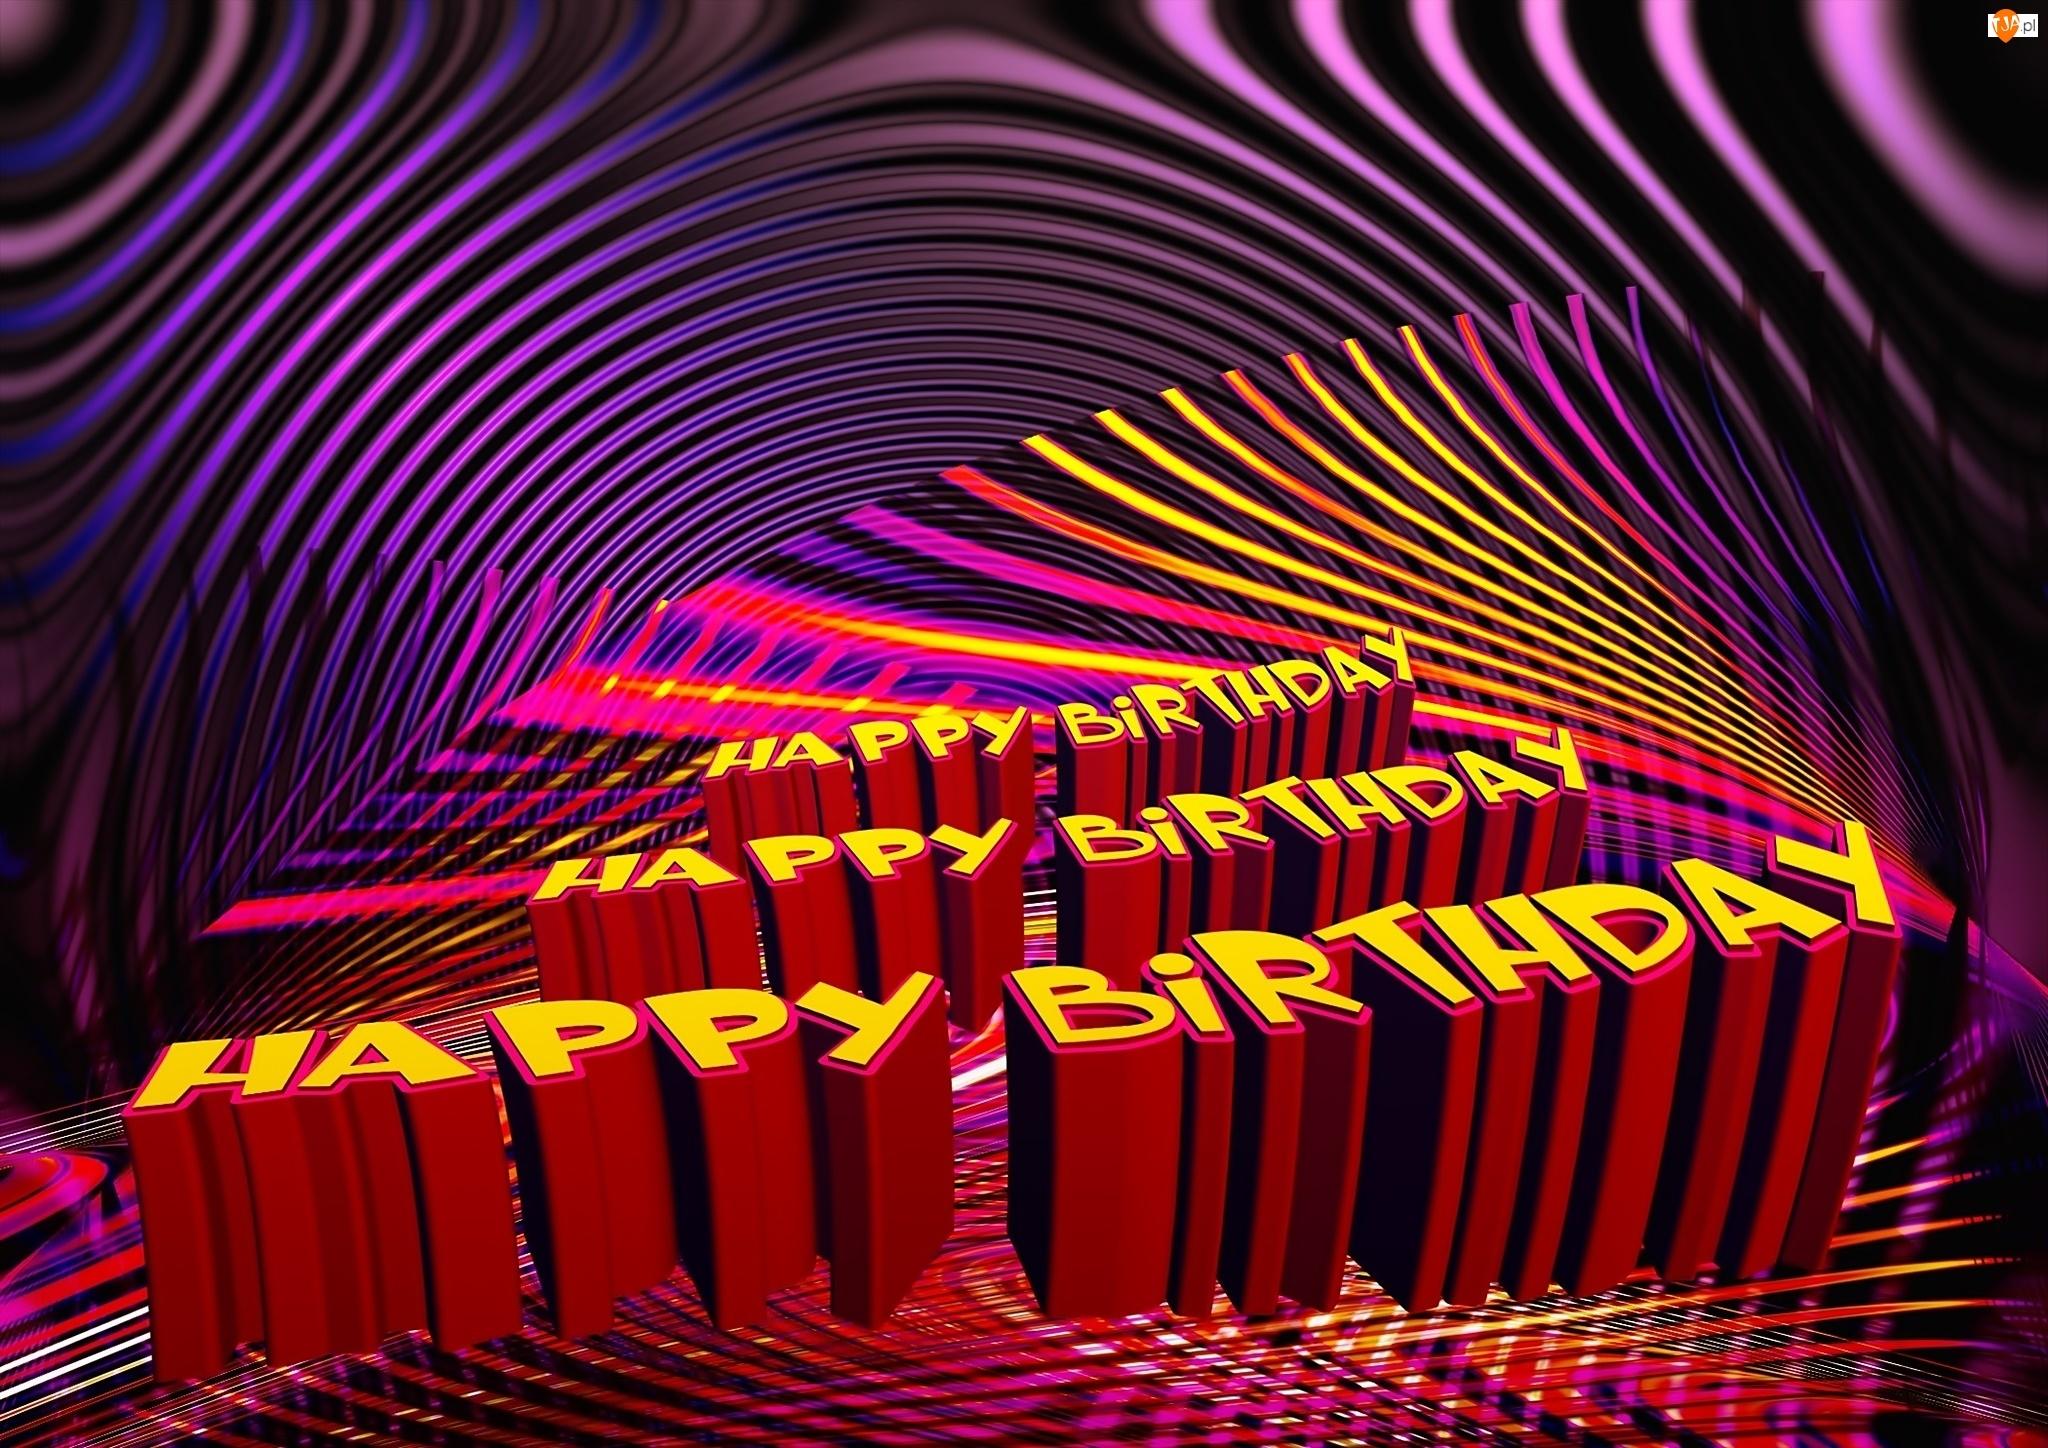 Fraktal, Perspektywa, Urodziny, Napisy